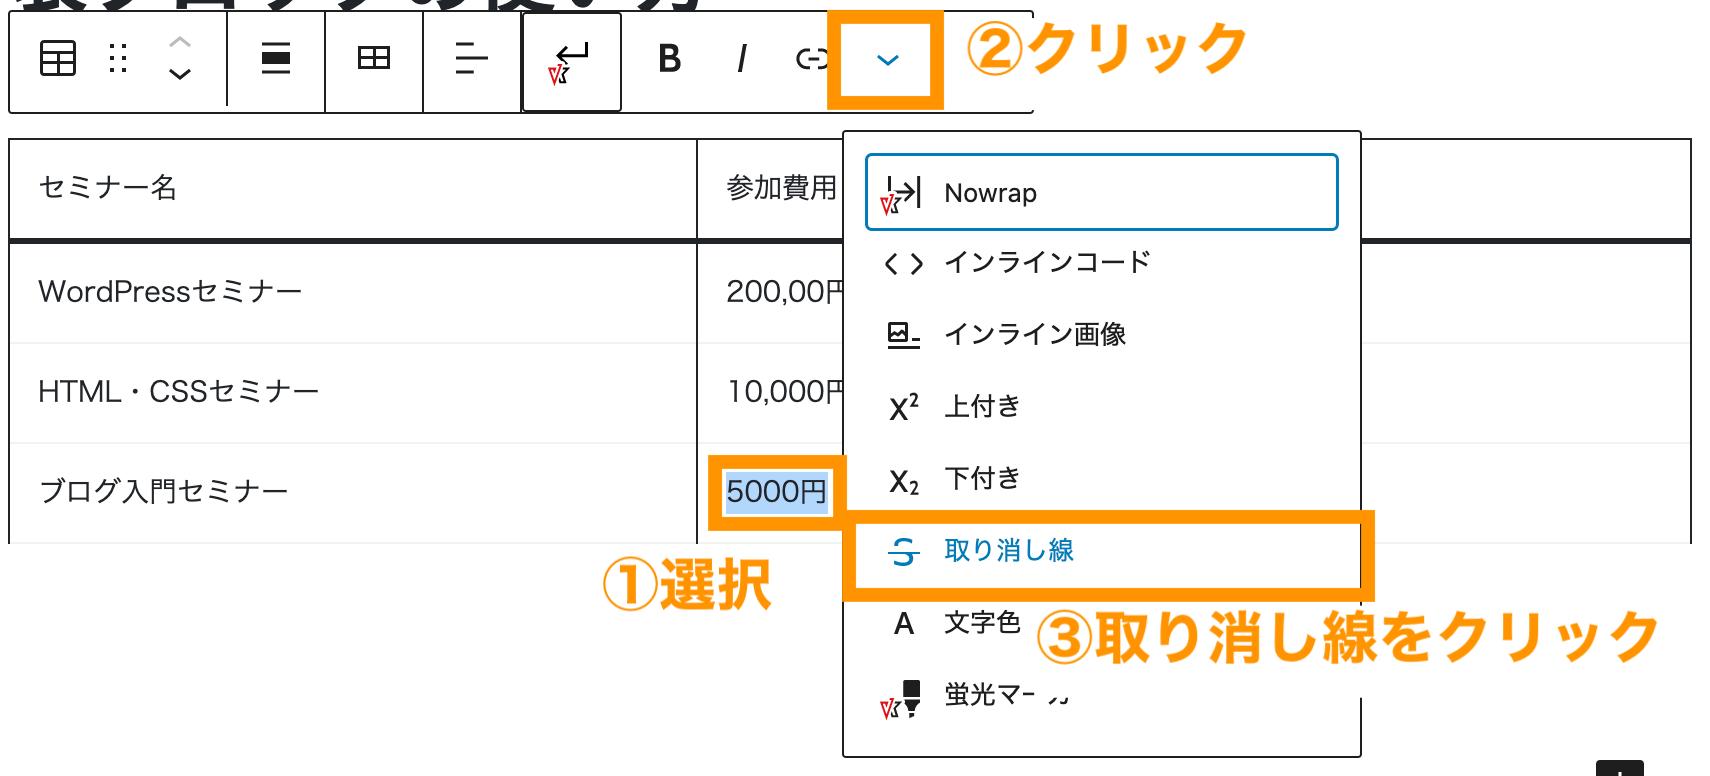 「5000円」を選択して「取り消し線」をクリック